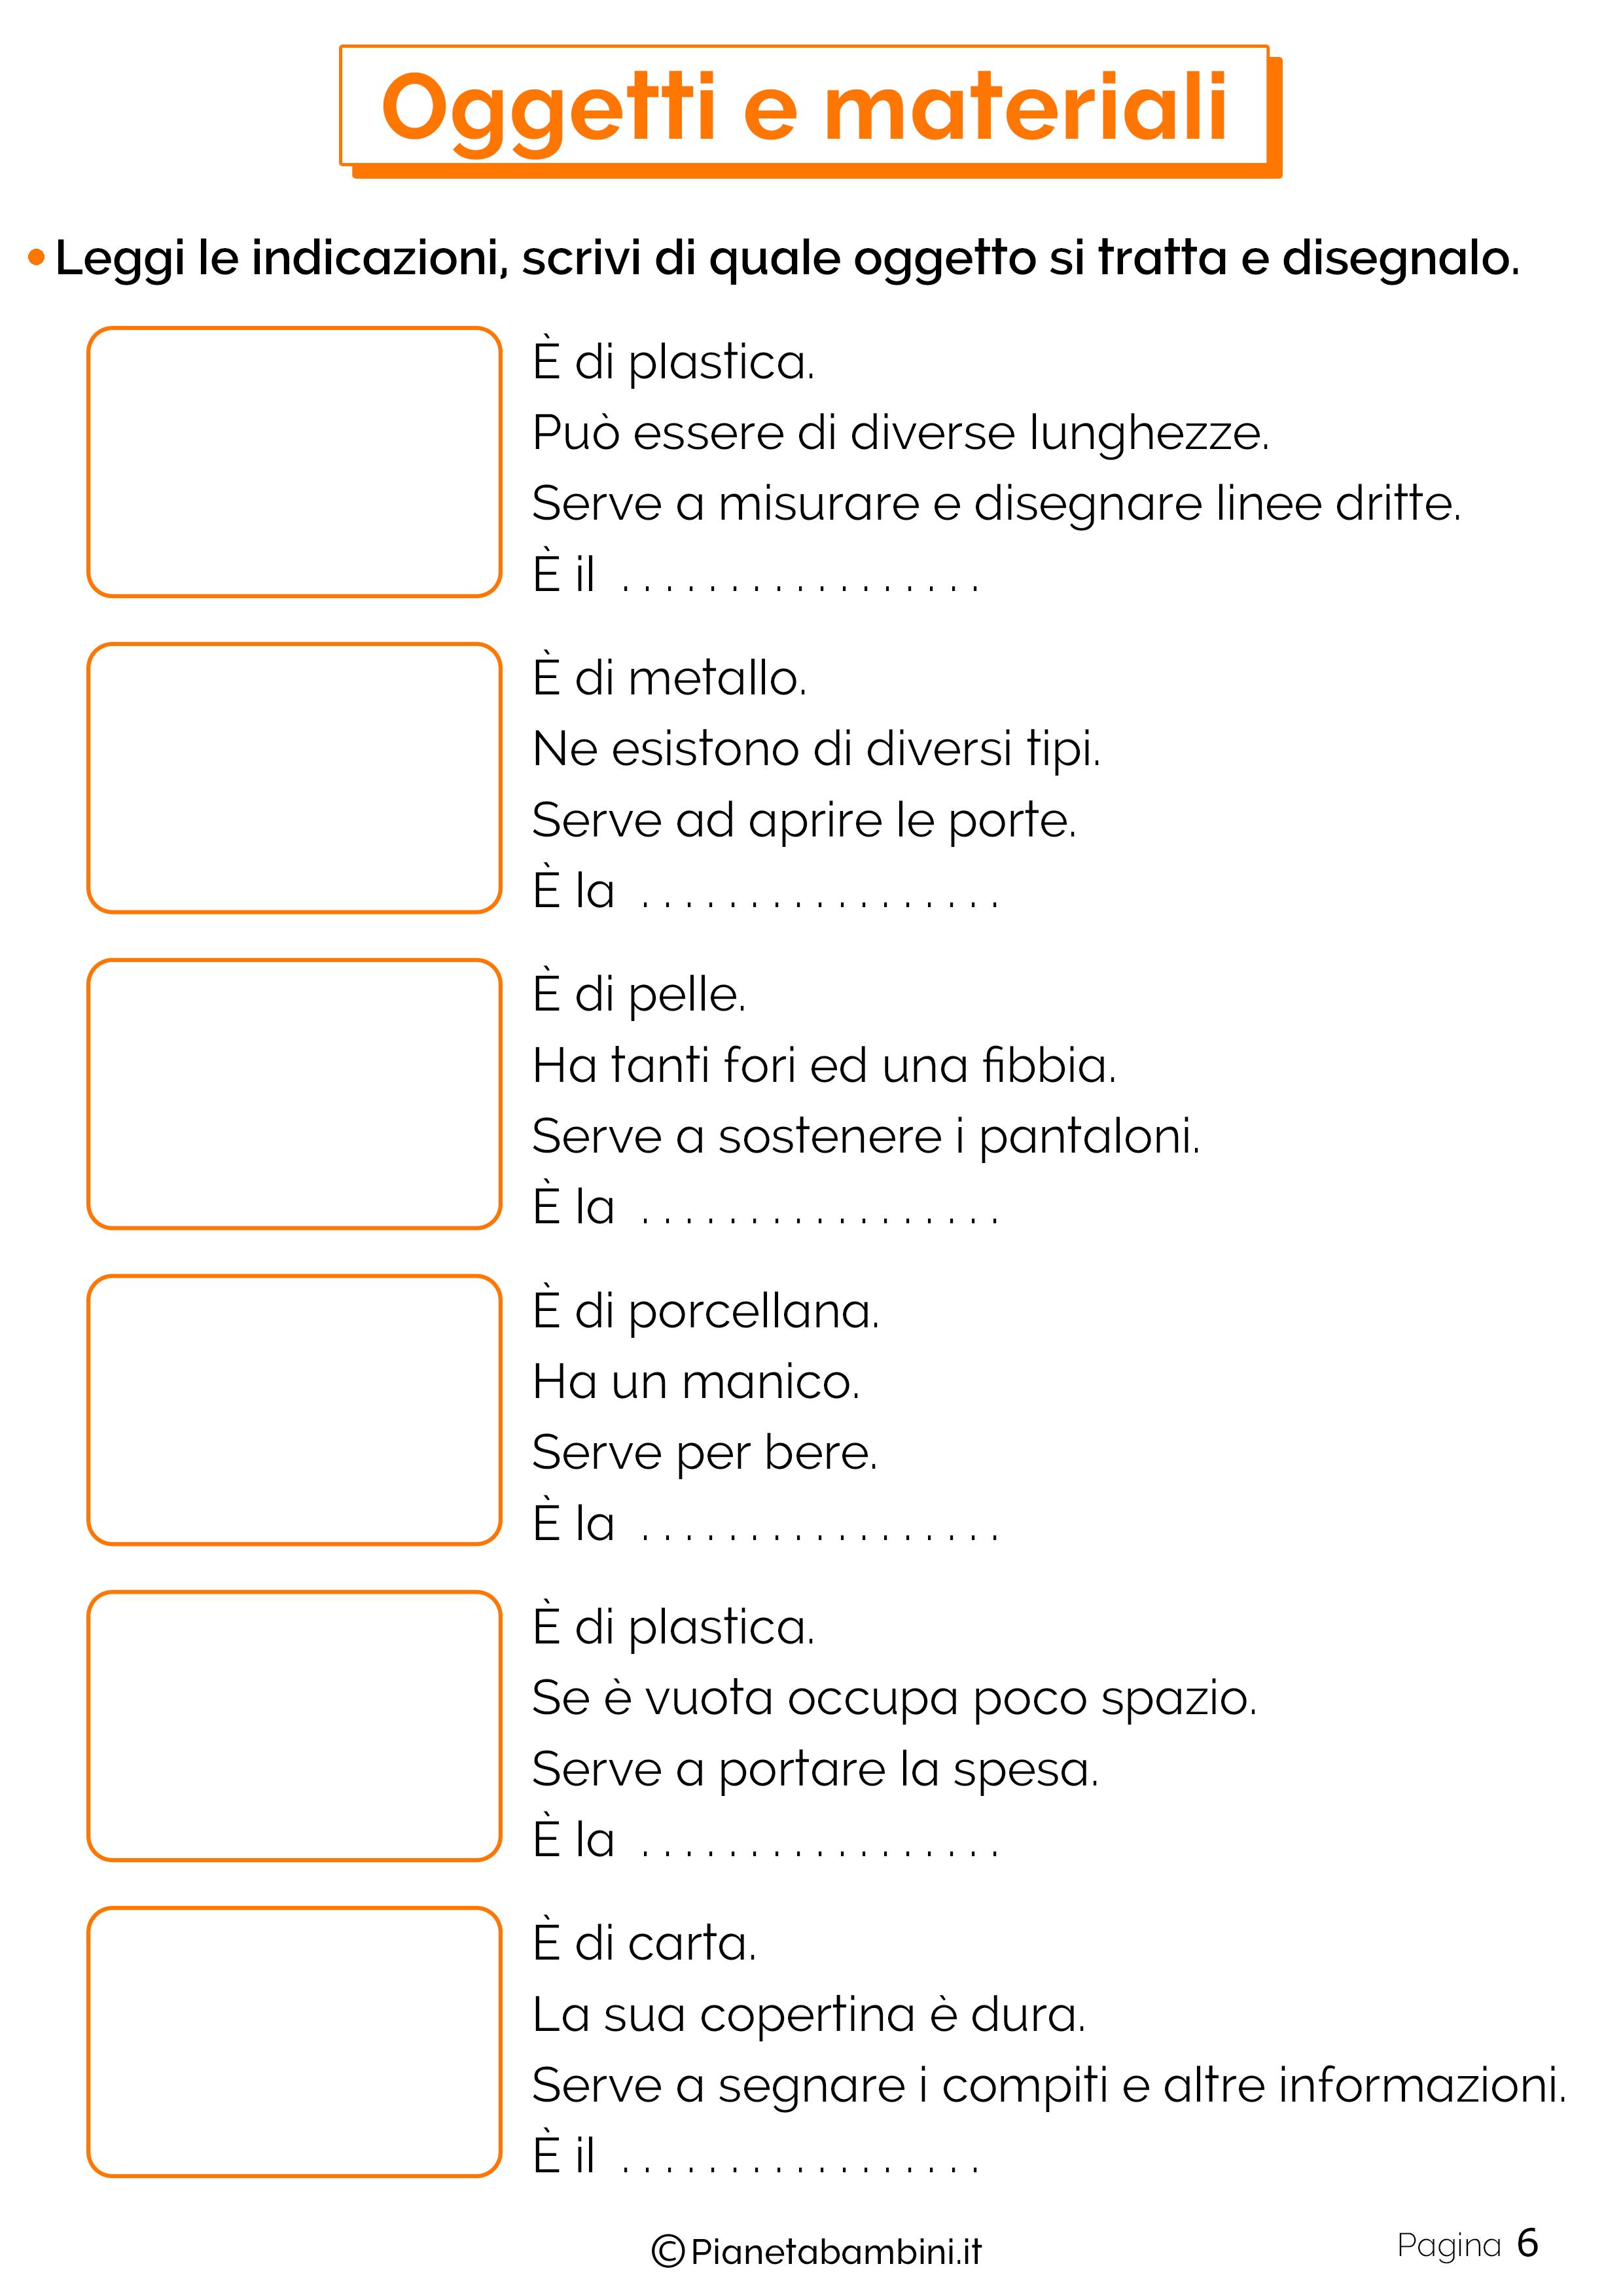 Esercizi su oggetti e materiali 6